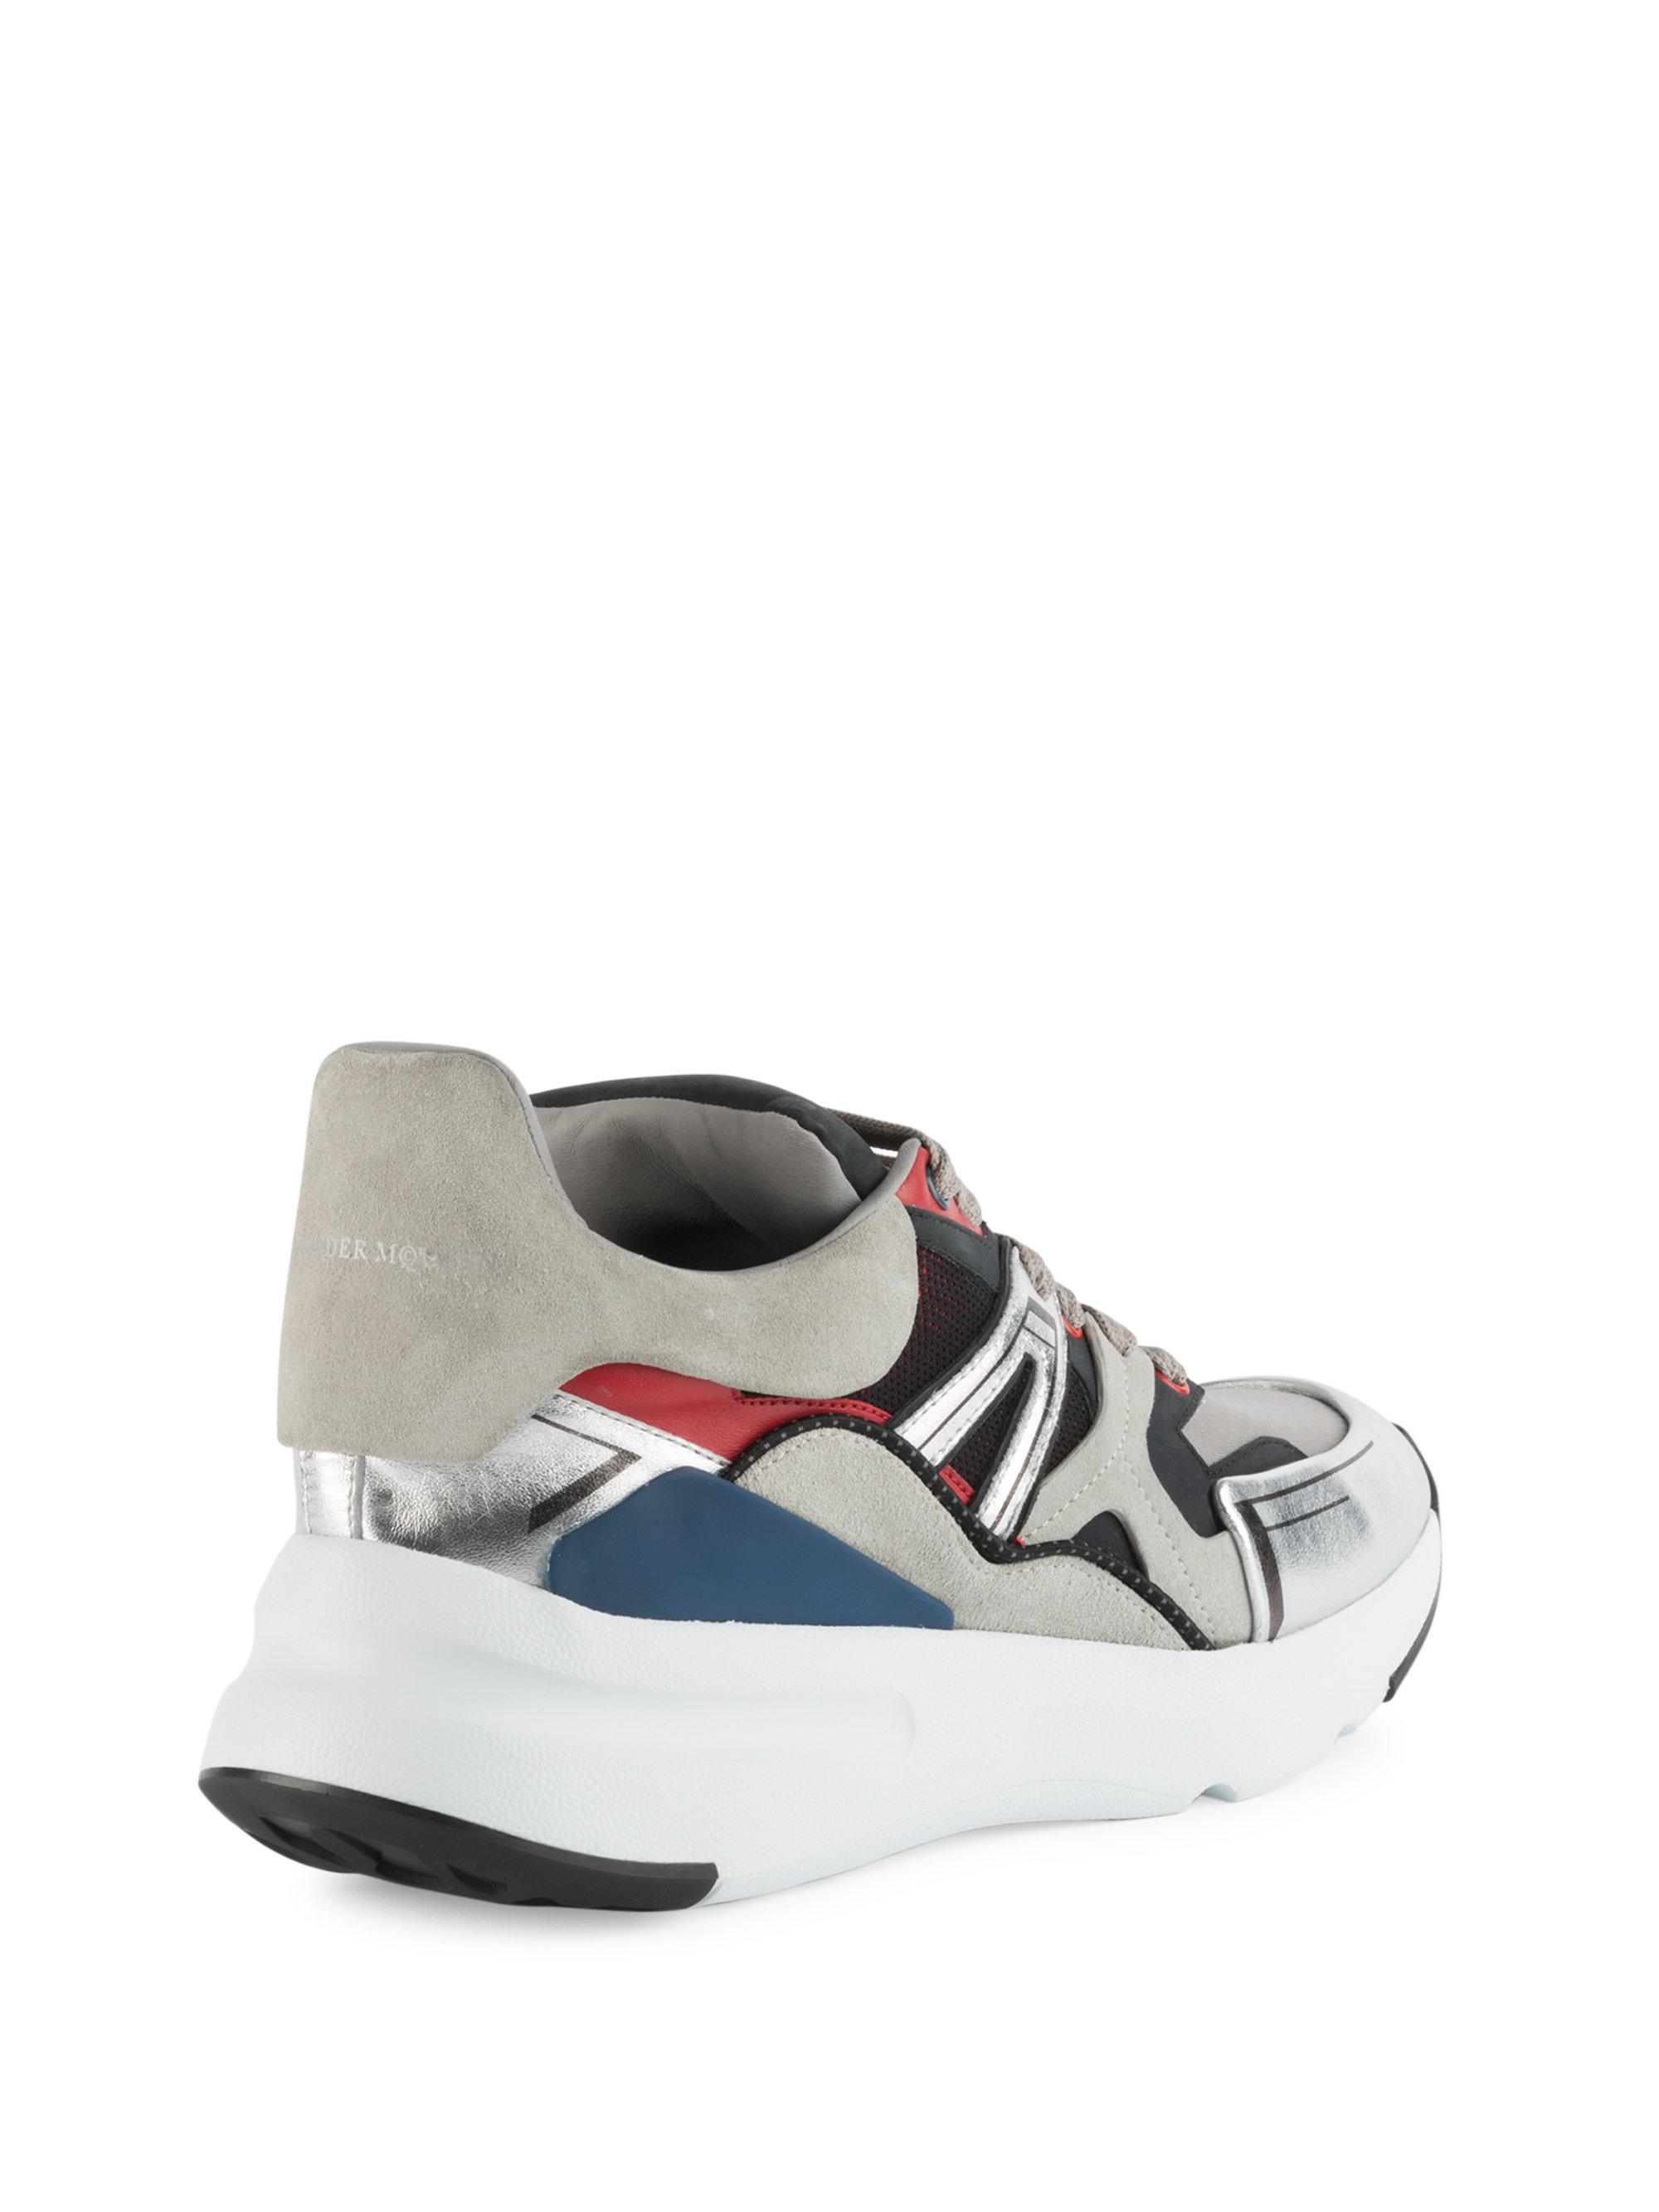 alexander mcqueen dad sneakers off 53